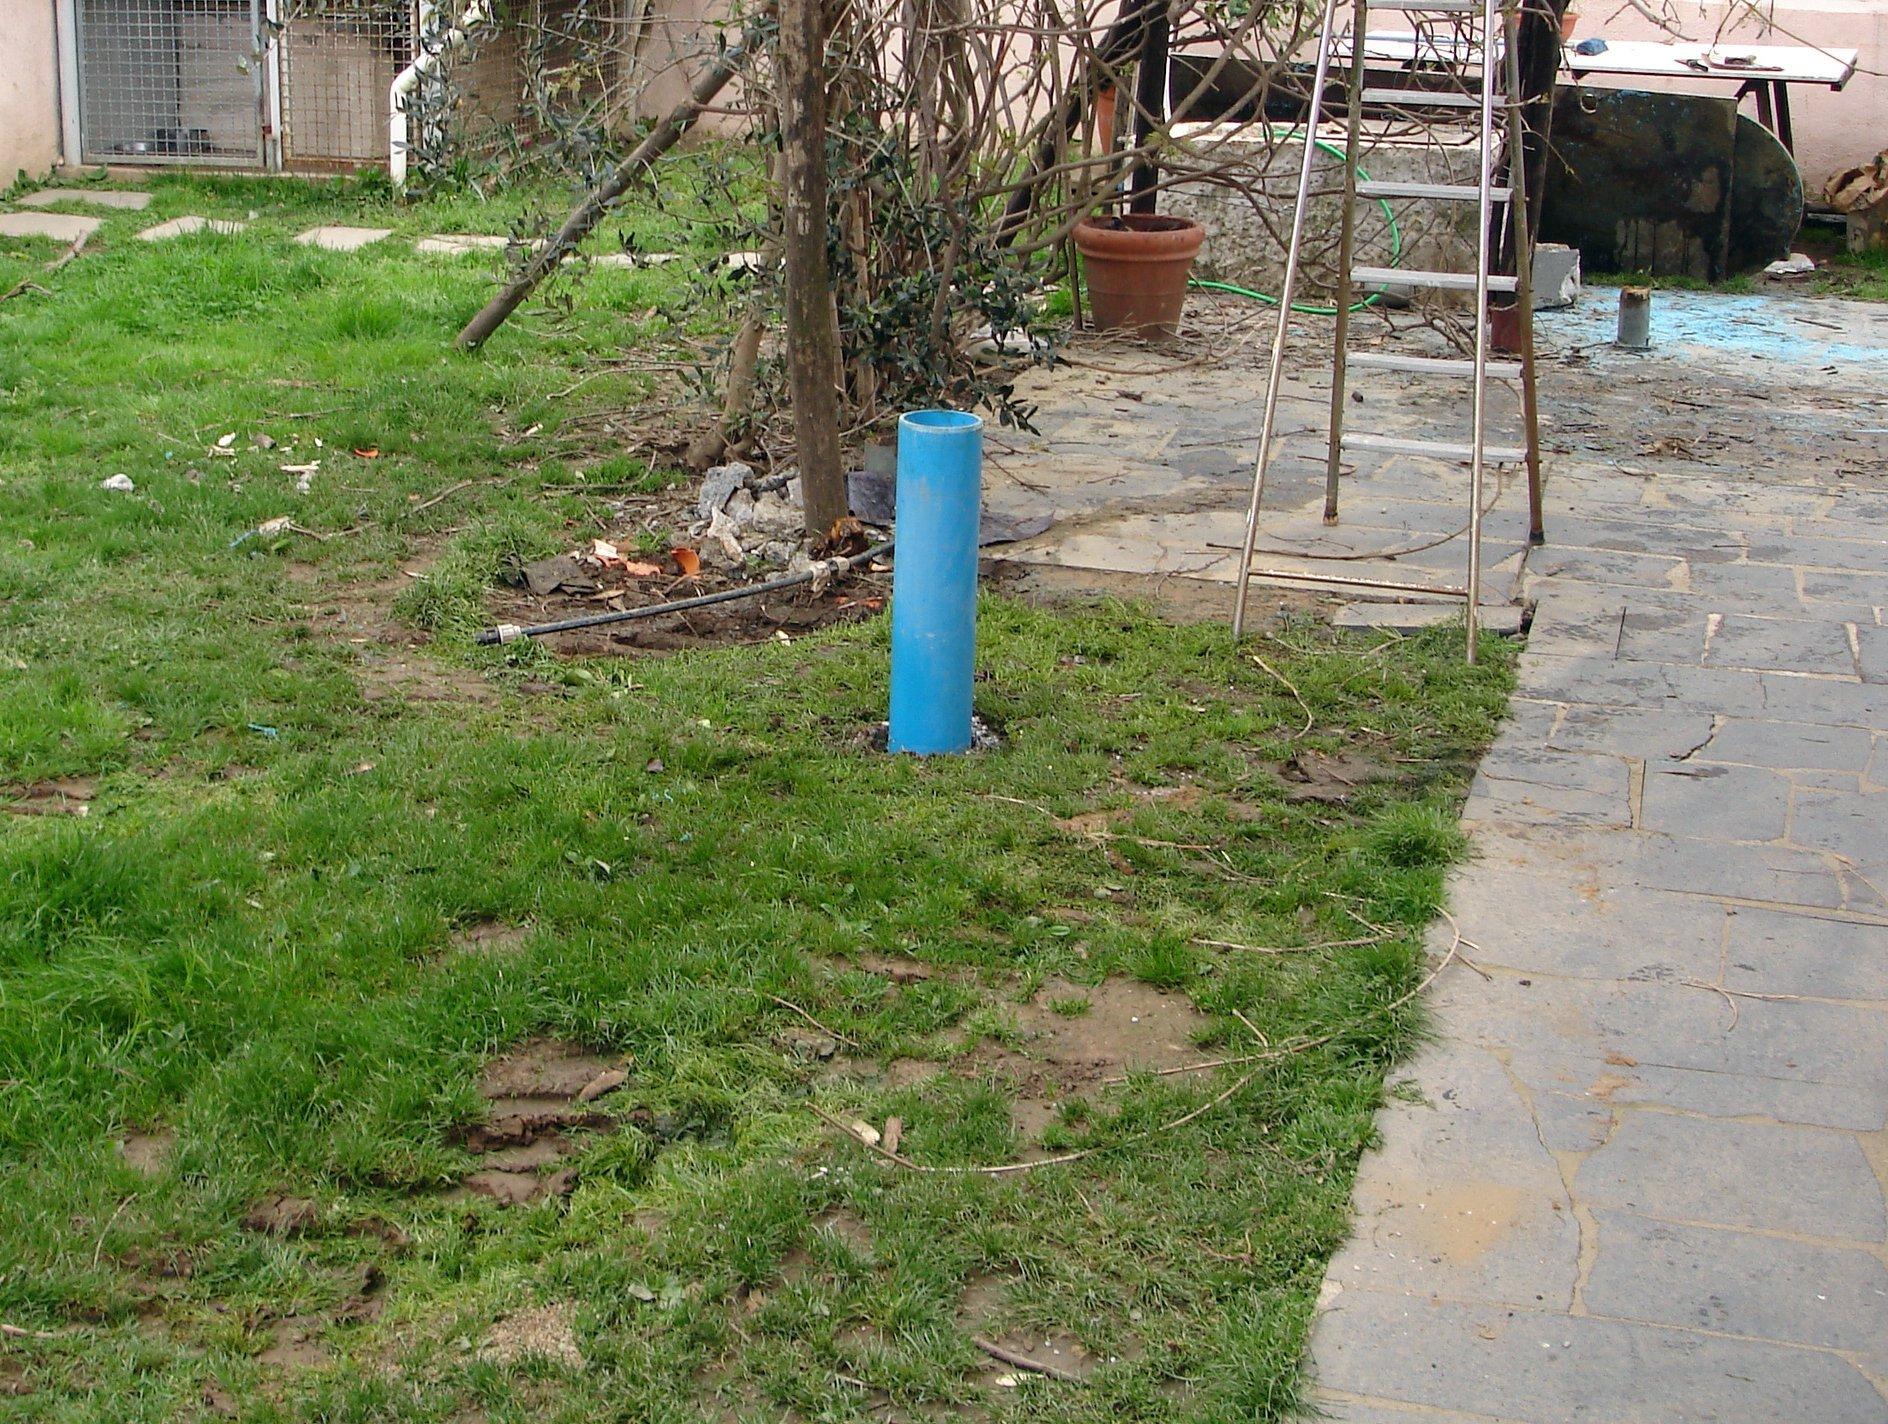 tubo azzurro che fuoriesce dal terreno